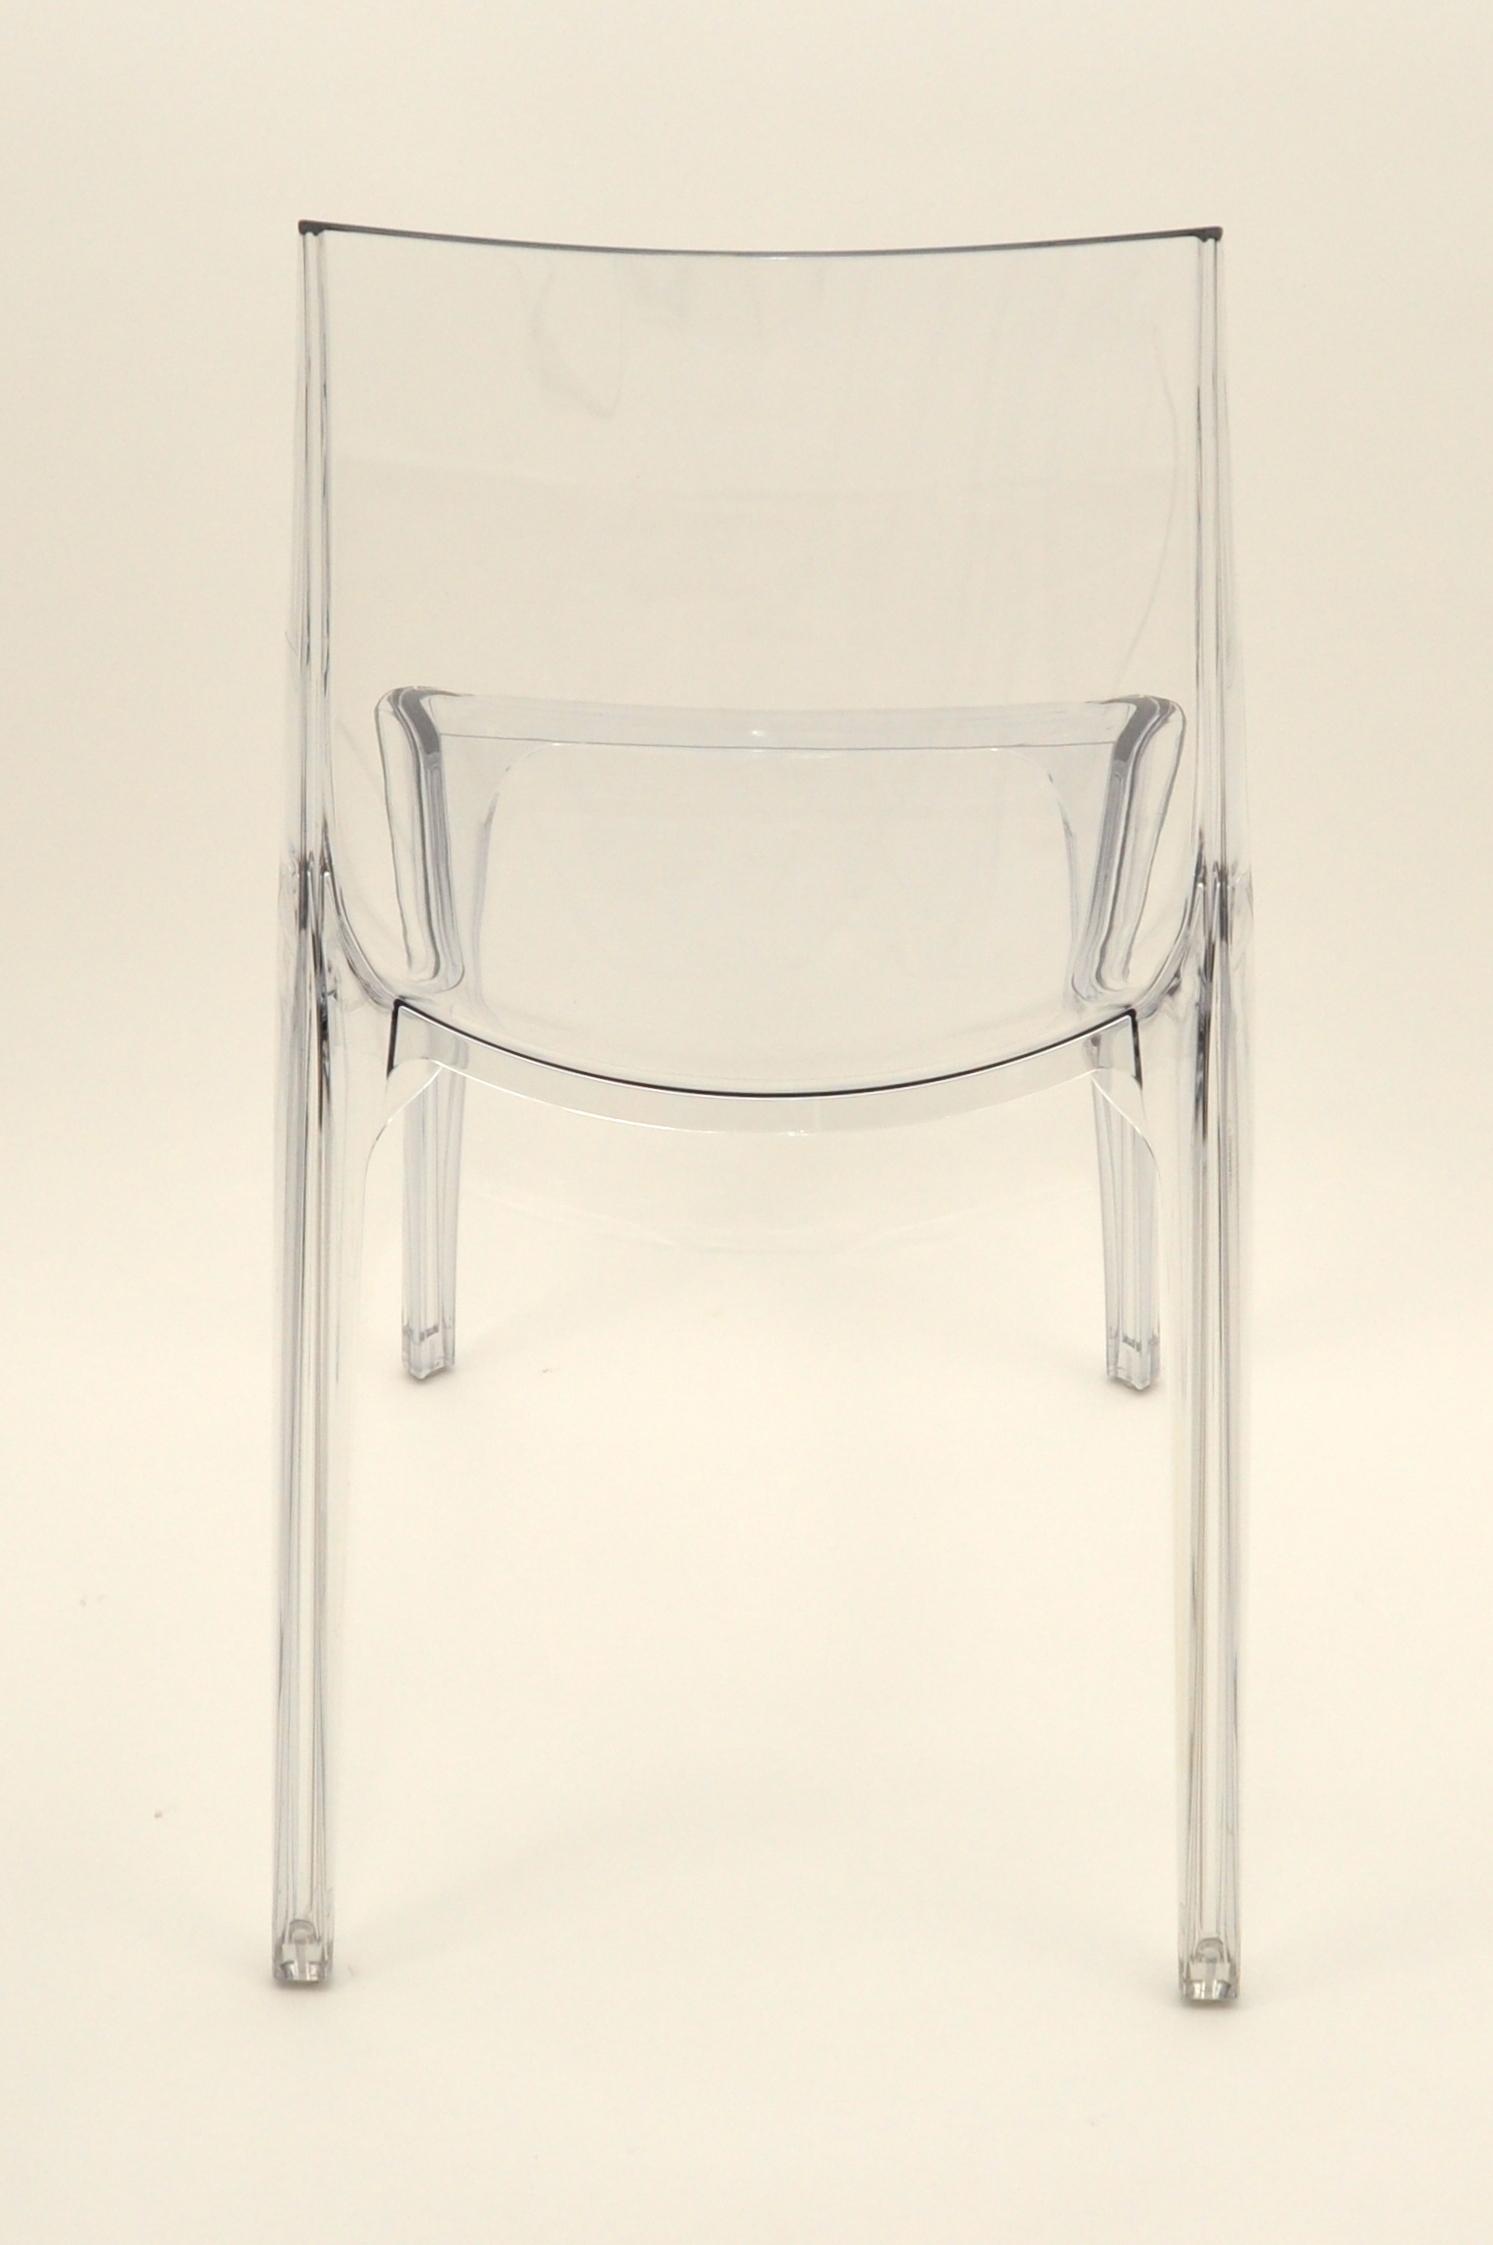 krzesło-transparentne-warszawa